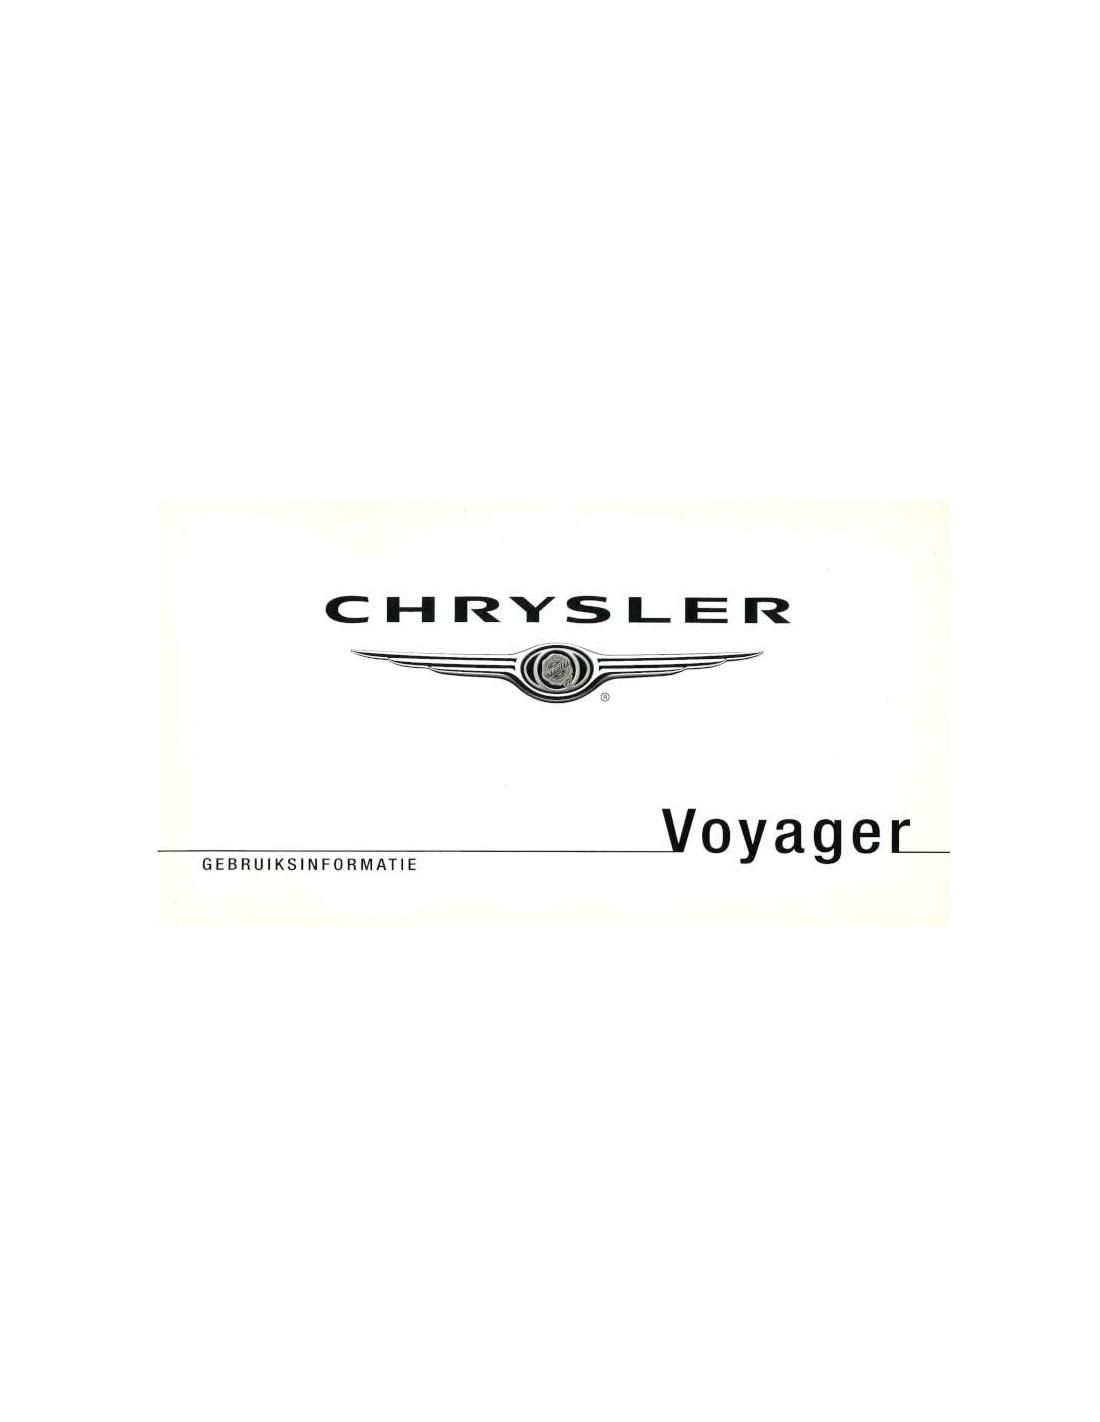 2008 CHRYSLER VOYAGER OWNER'S MANUAL DUTCH